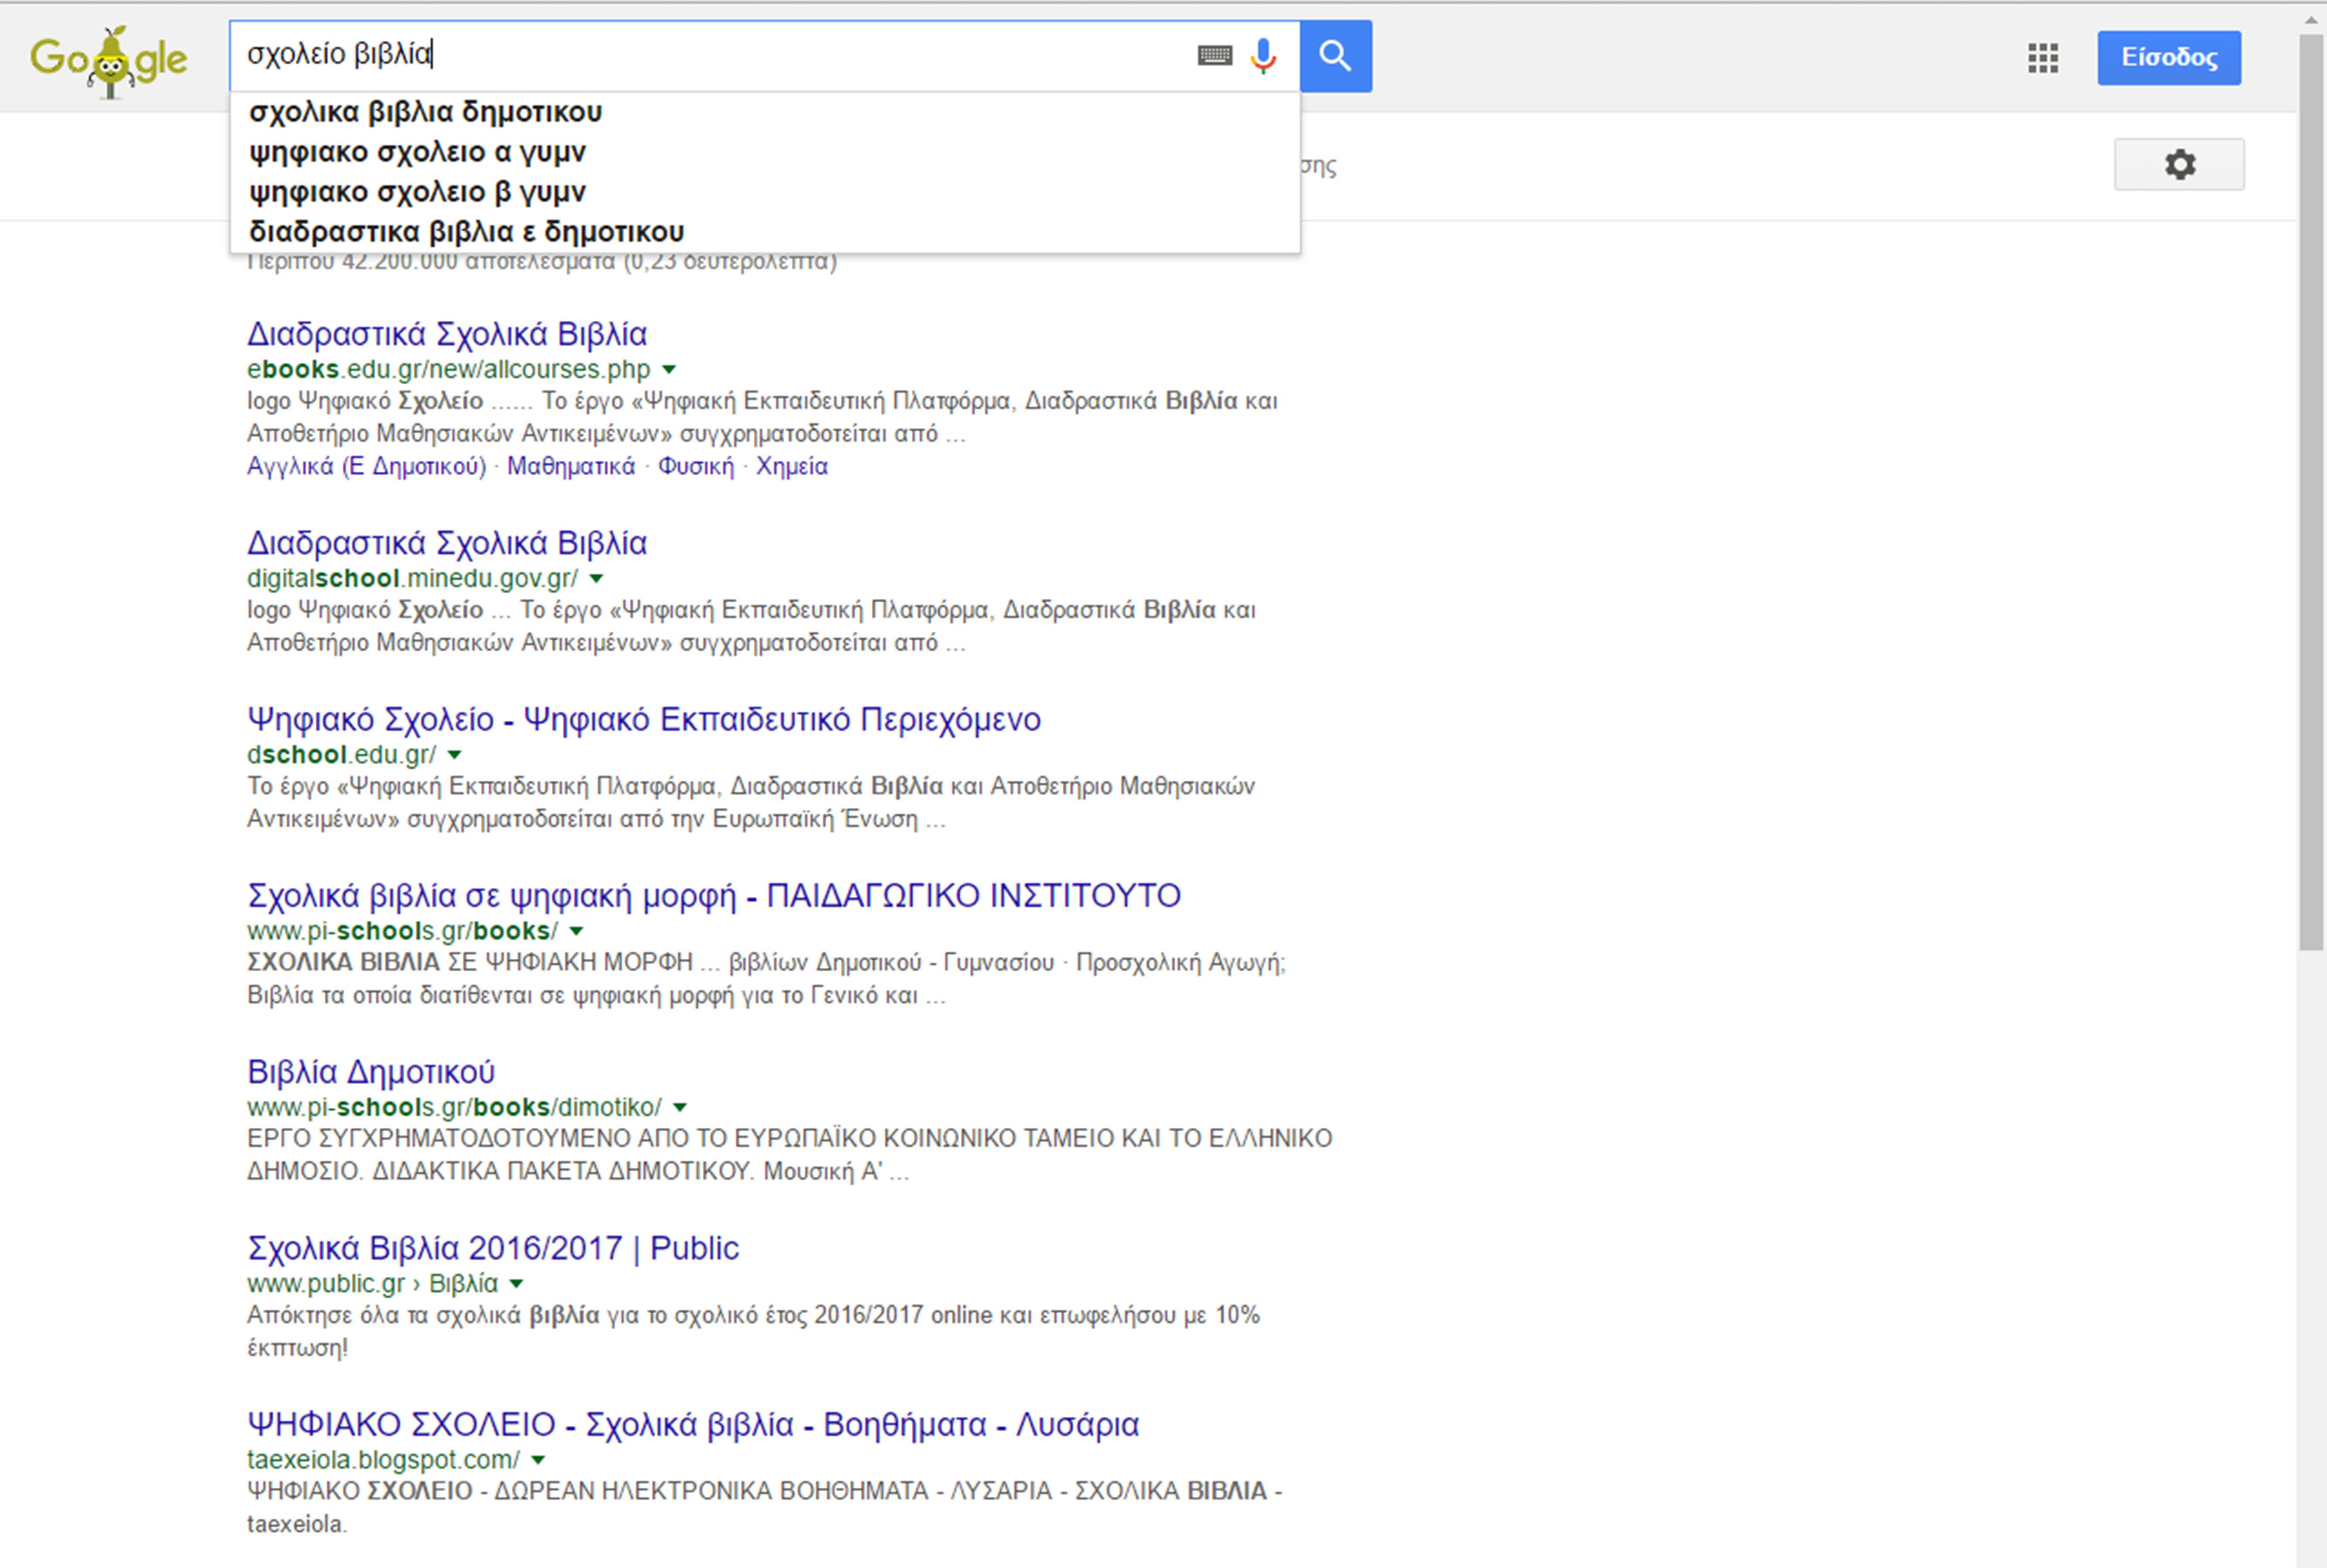 Αποτελέσματα αναζήτησης στο google για τη φράση «σχολείο βιβλίο»